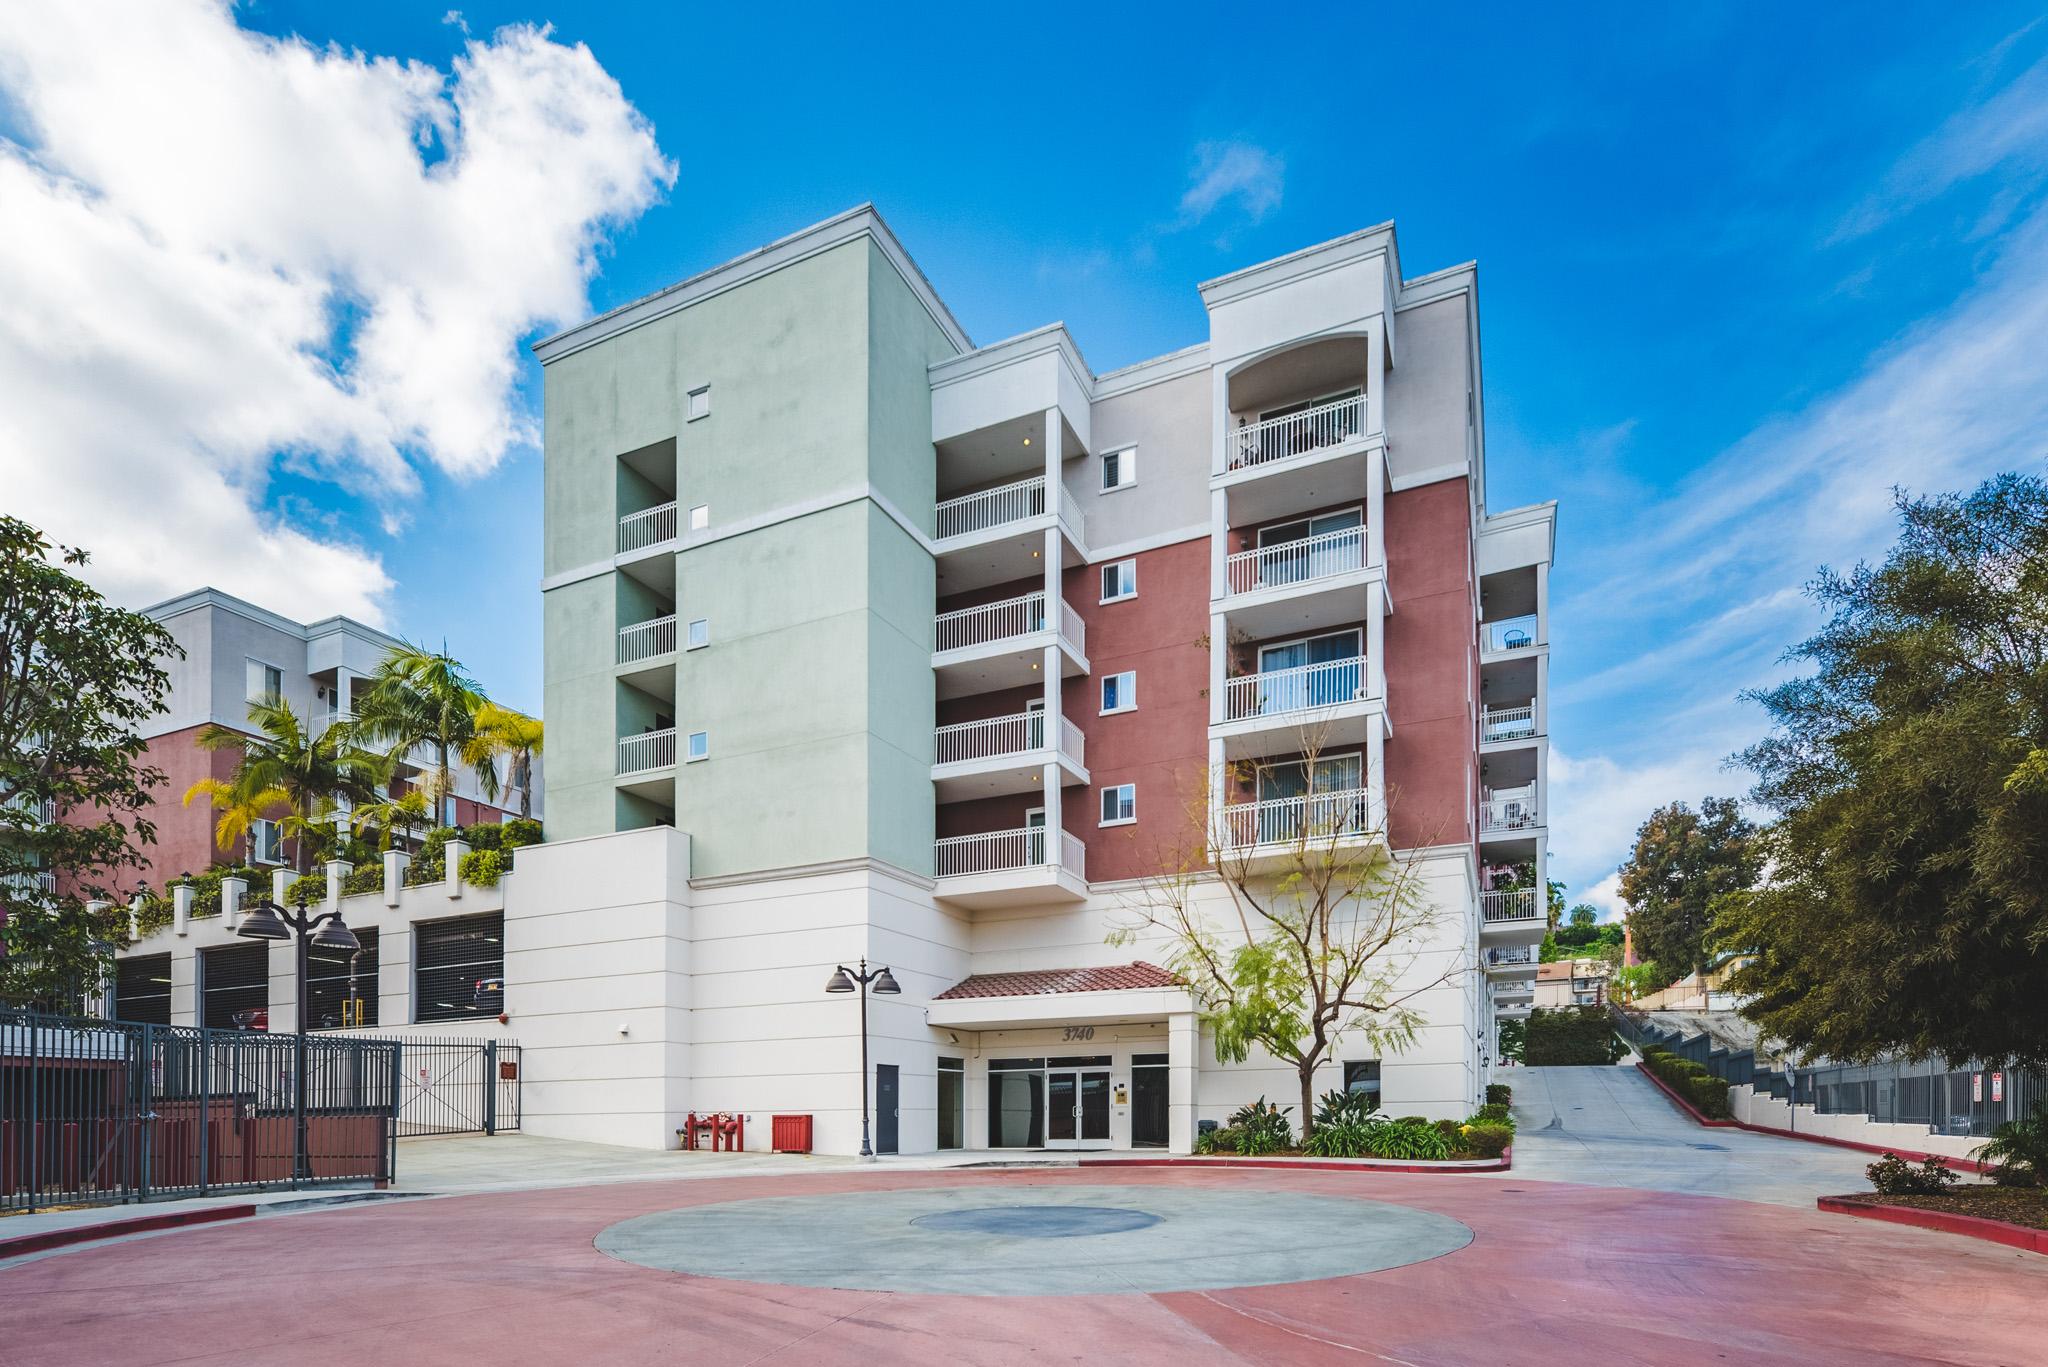 $2895 p/month - 3740 Santa Rosalia Dr #2212 beds 2 baths 1100 sq ft